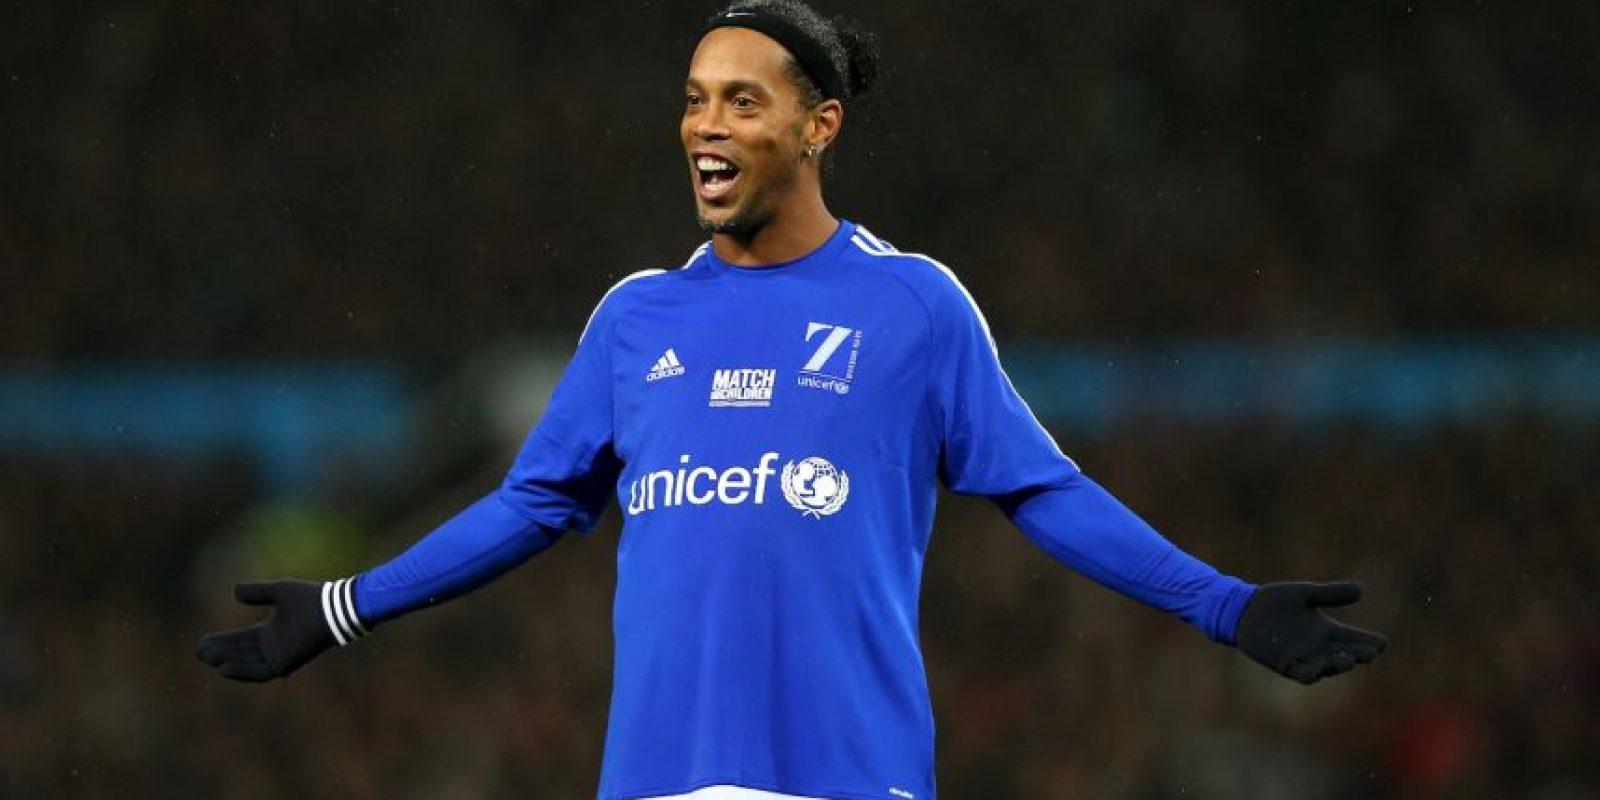 El año pasado, solo permaneció un mes con el Fluminense y después rescindió su contrato de dos años Foto:Getty Images